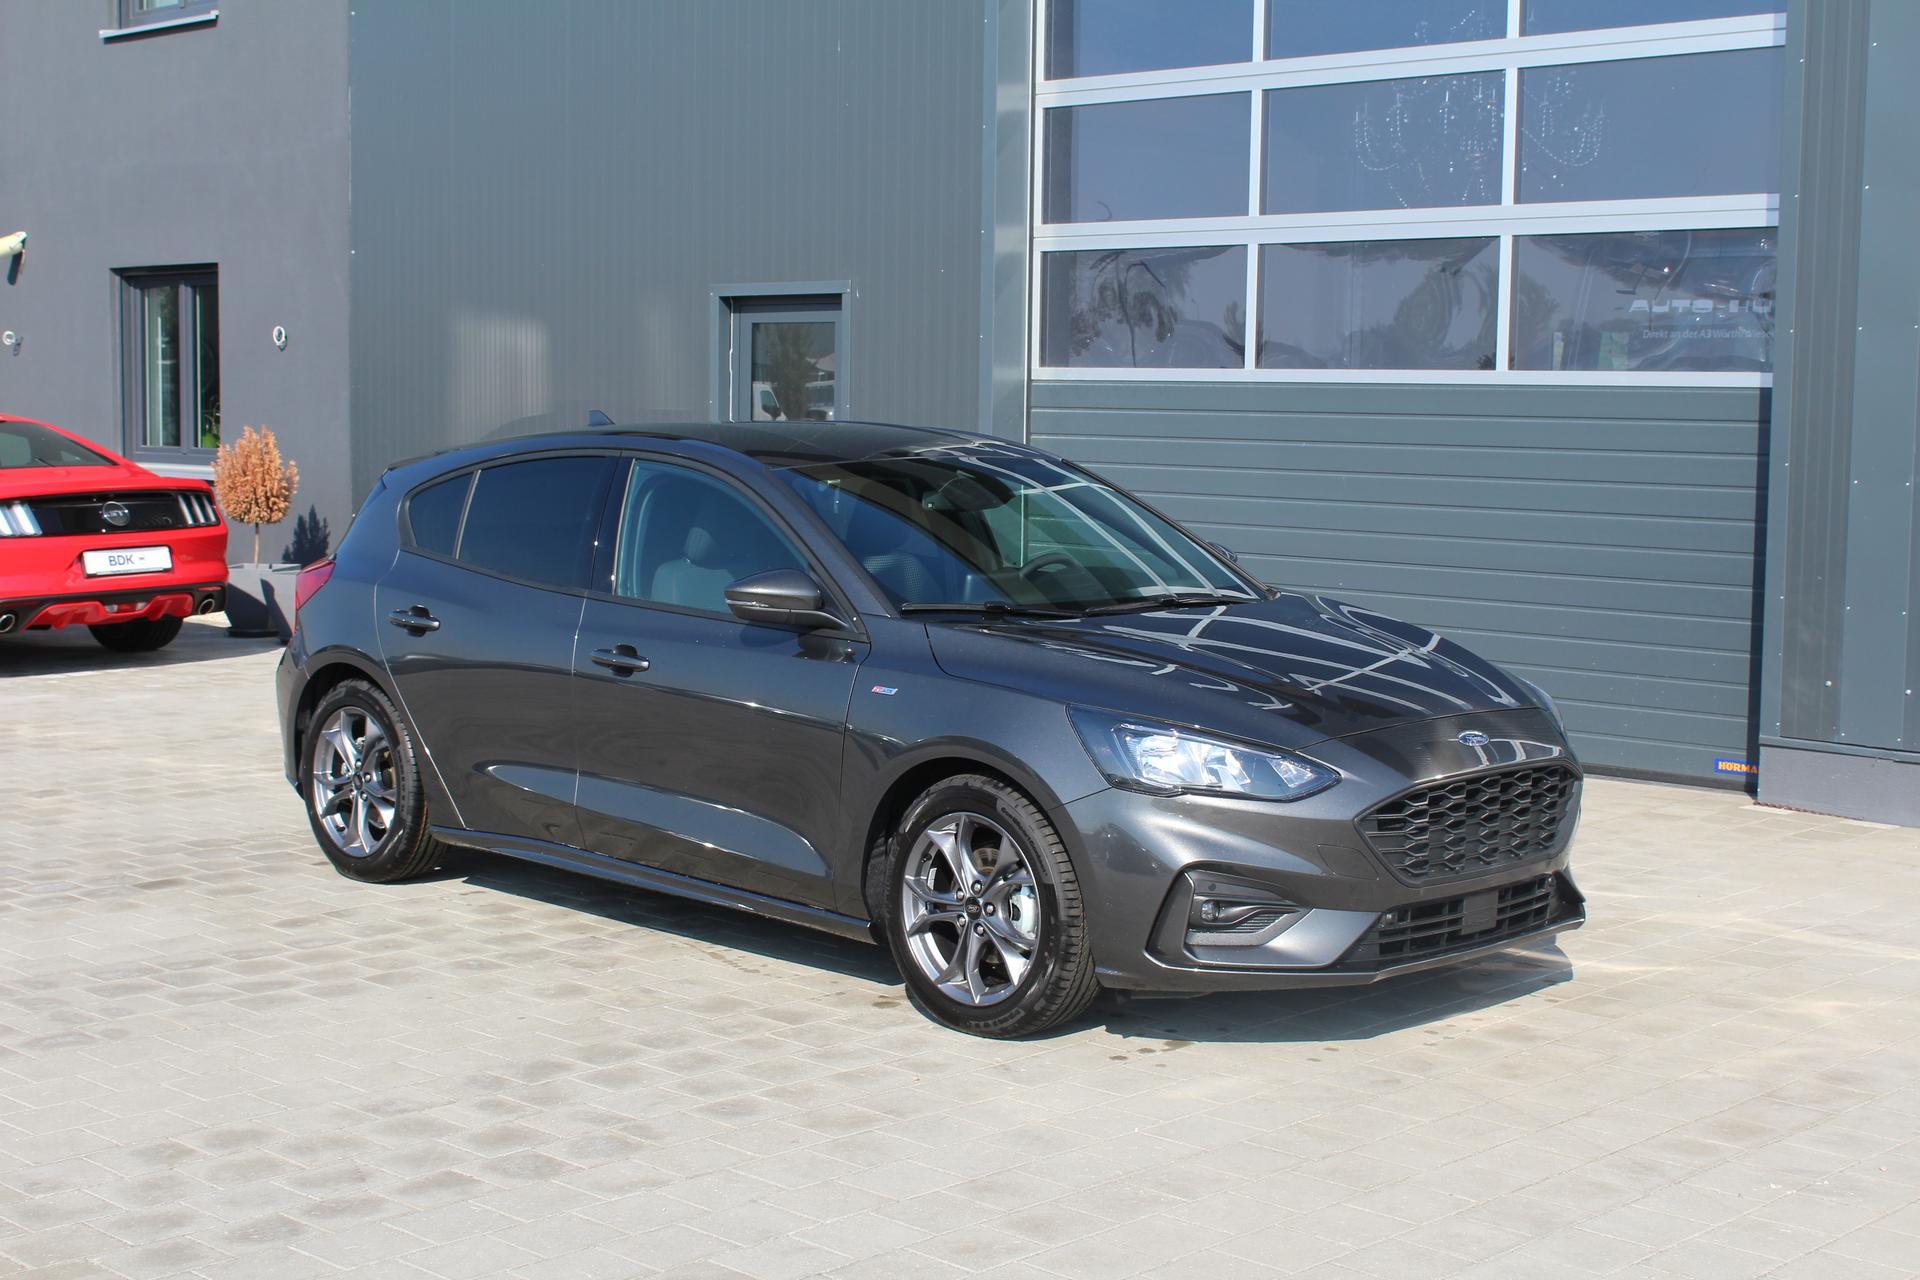 Ford Focus Neuer St Line 10 Ecoboost 125 Ps 5 Jahre Garantie Navi